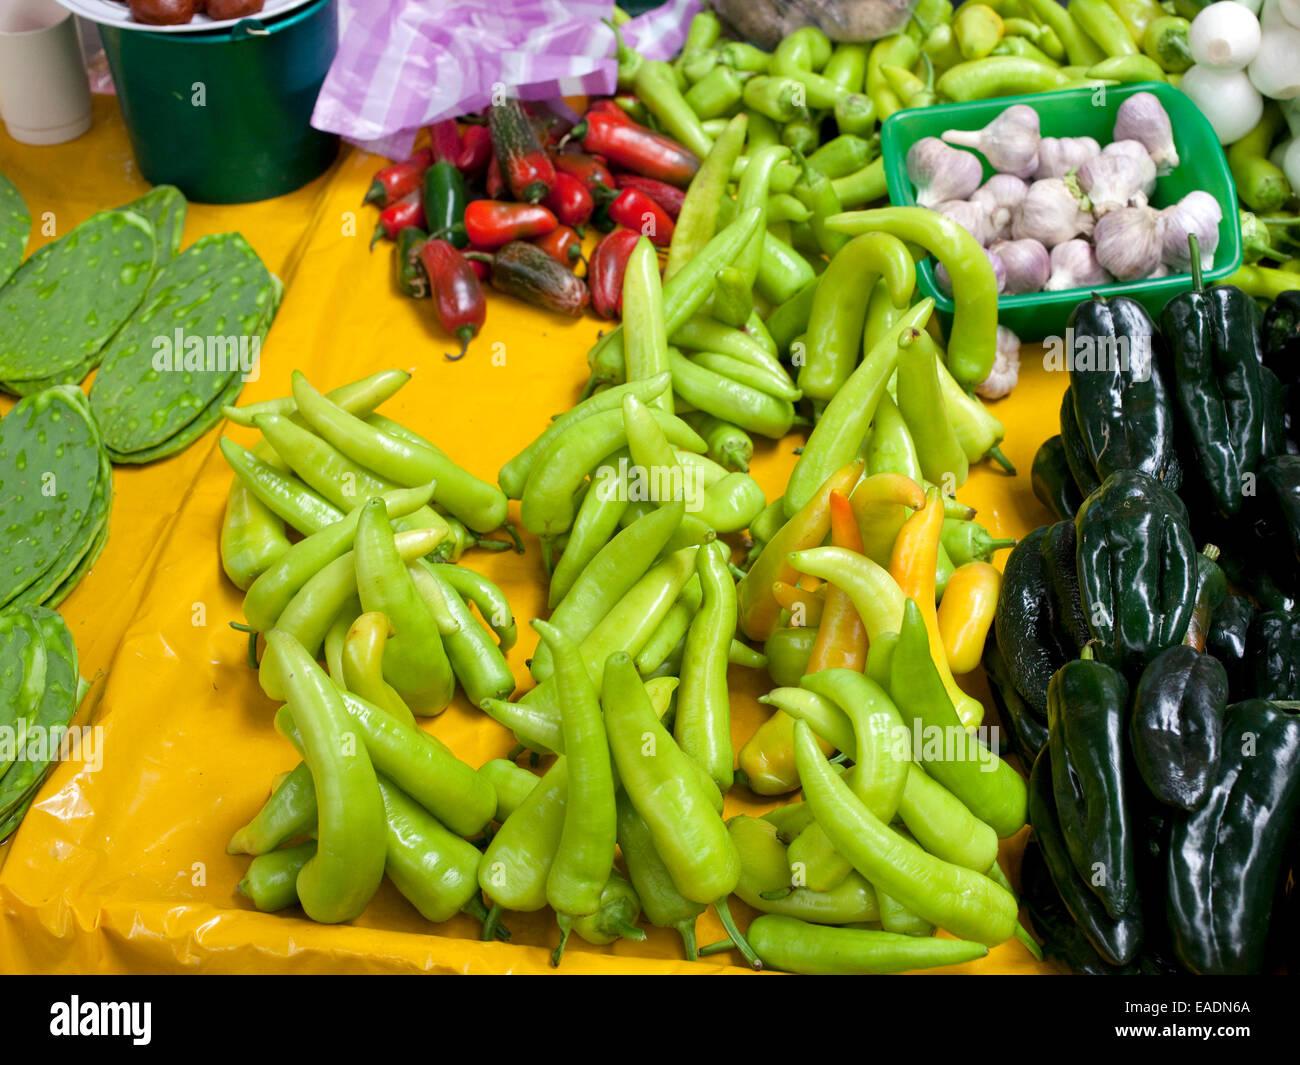 Les poivrons de couleurs vives en place du marché de village mexicain Photo Stock